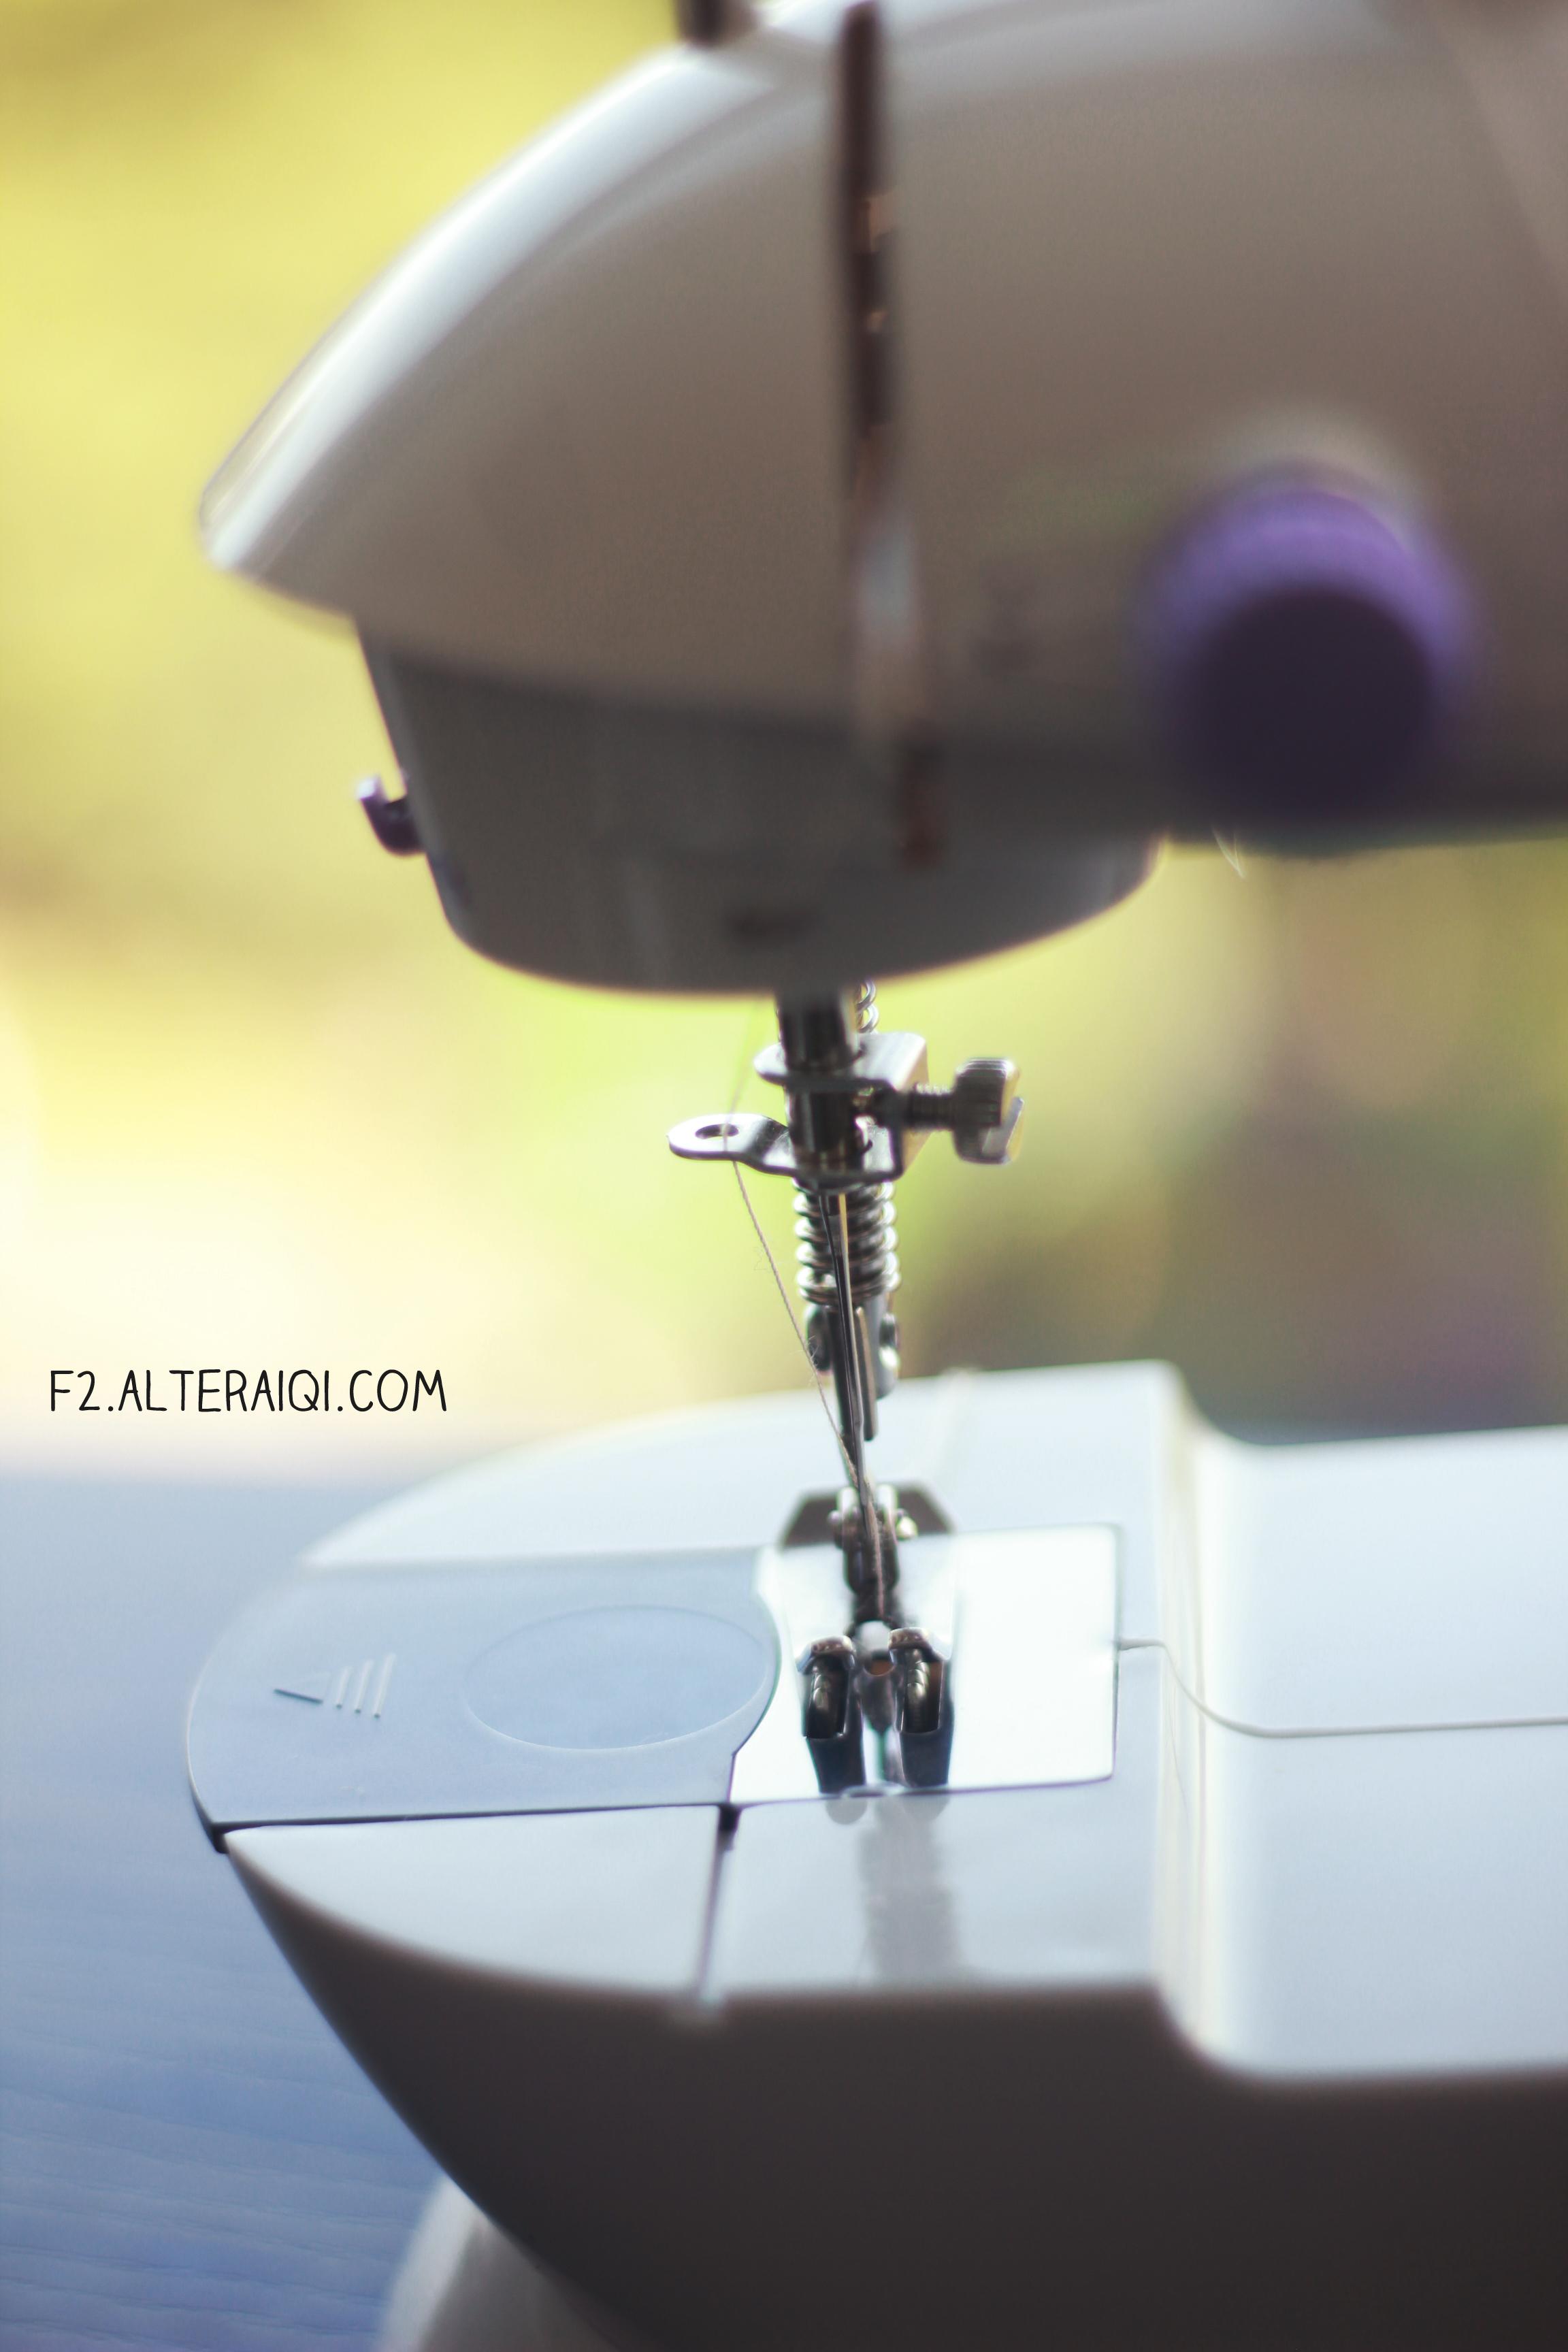 المكينة الصغيرة + مفاجأة بالداخل !